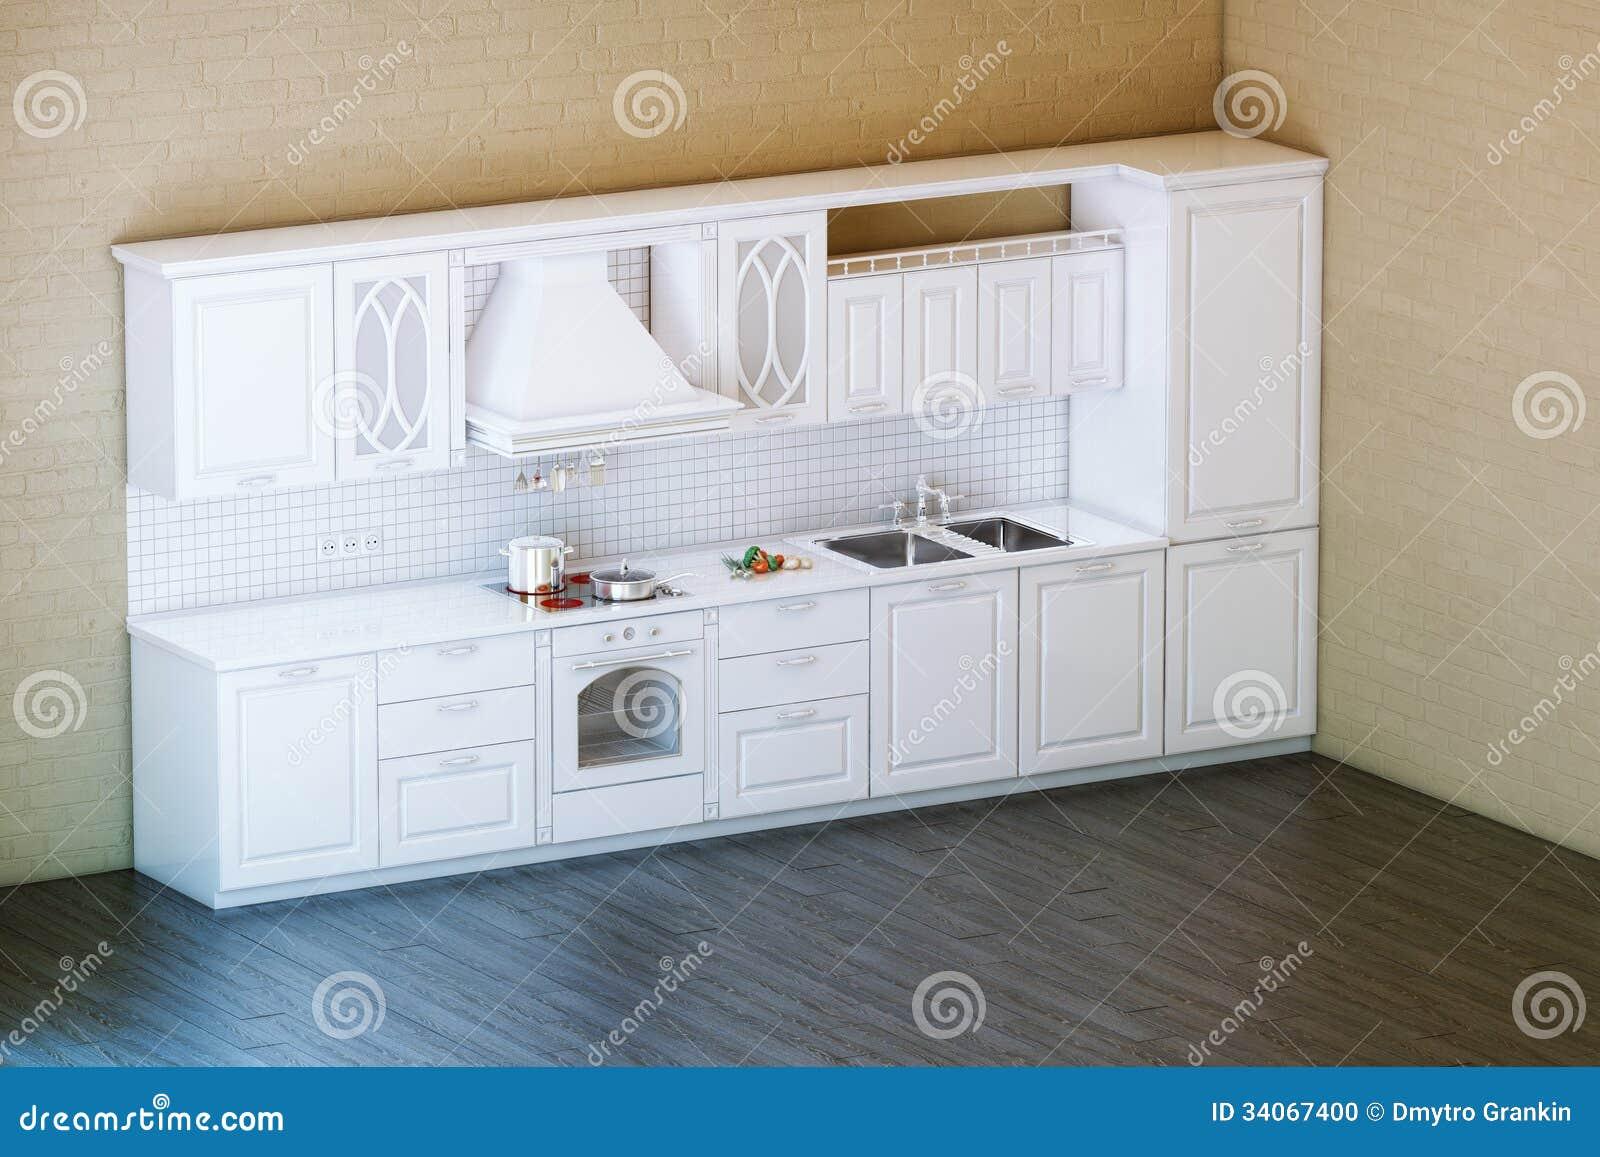 Klassischer Weißer Küchenschrank Mit Parkettboden Stock Abbildung ...